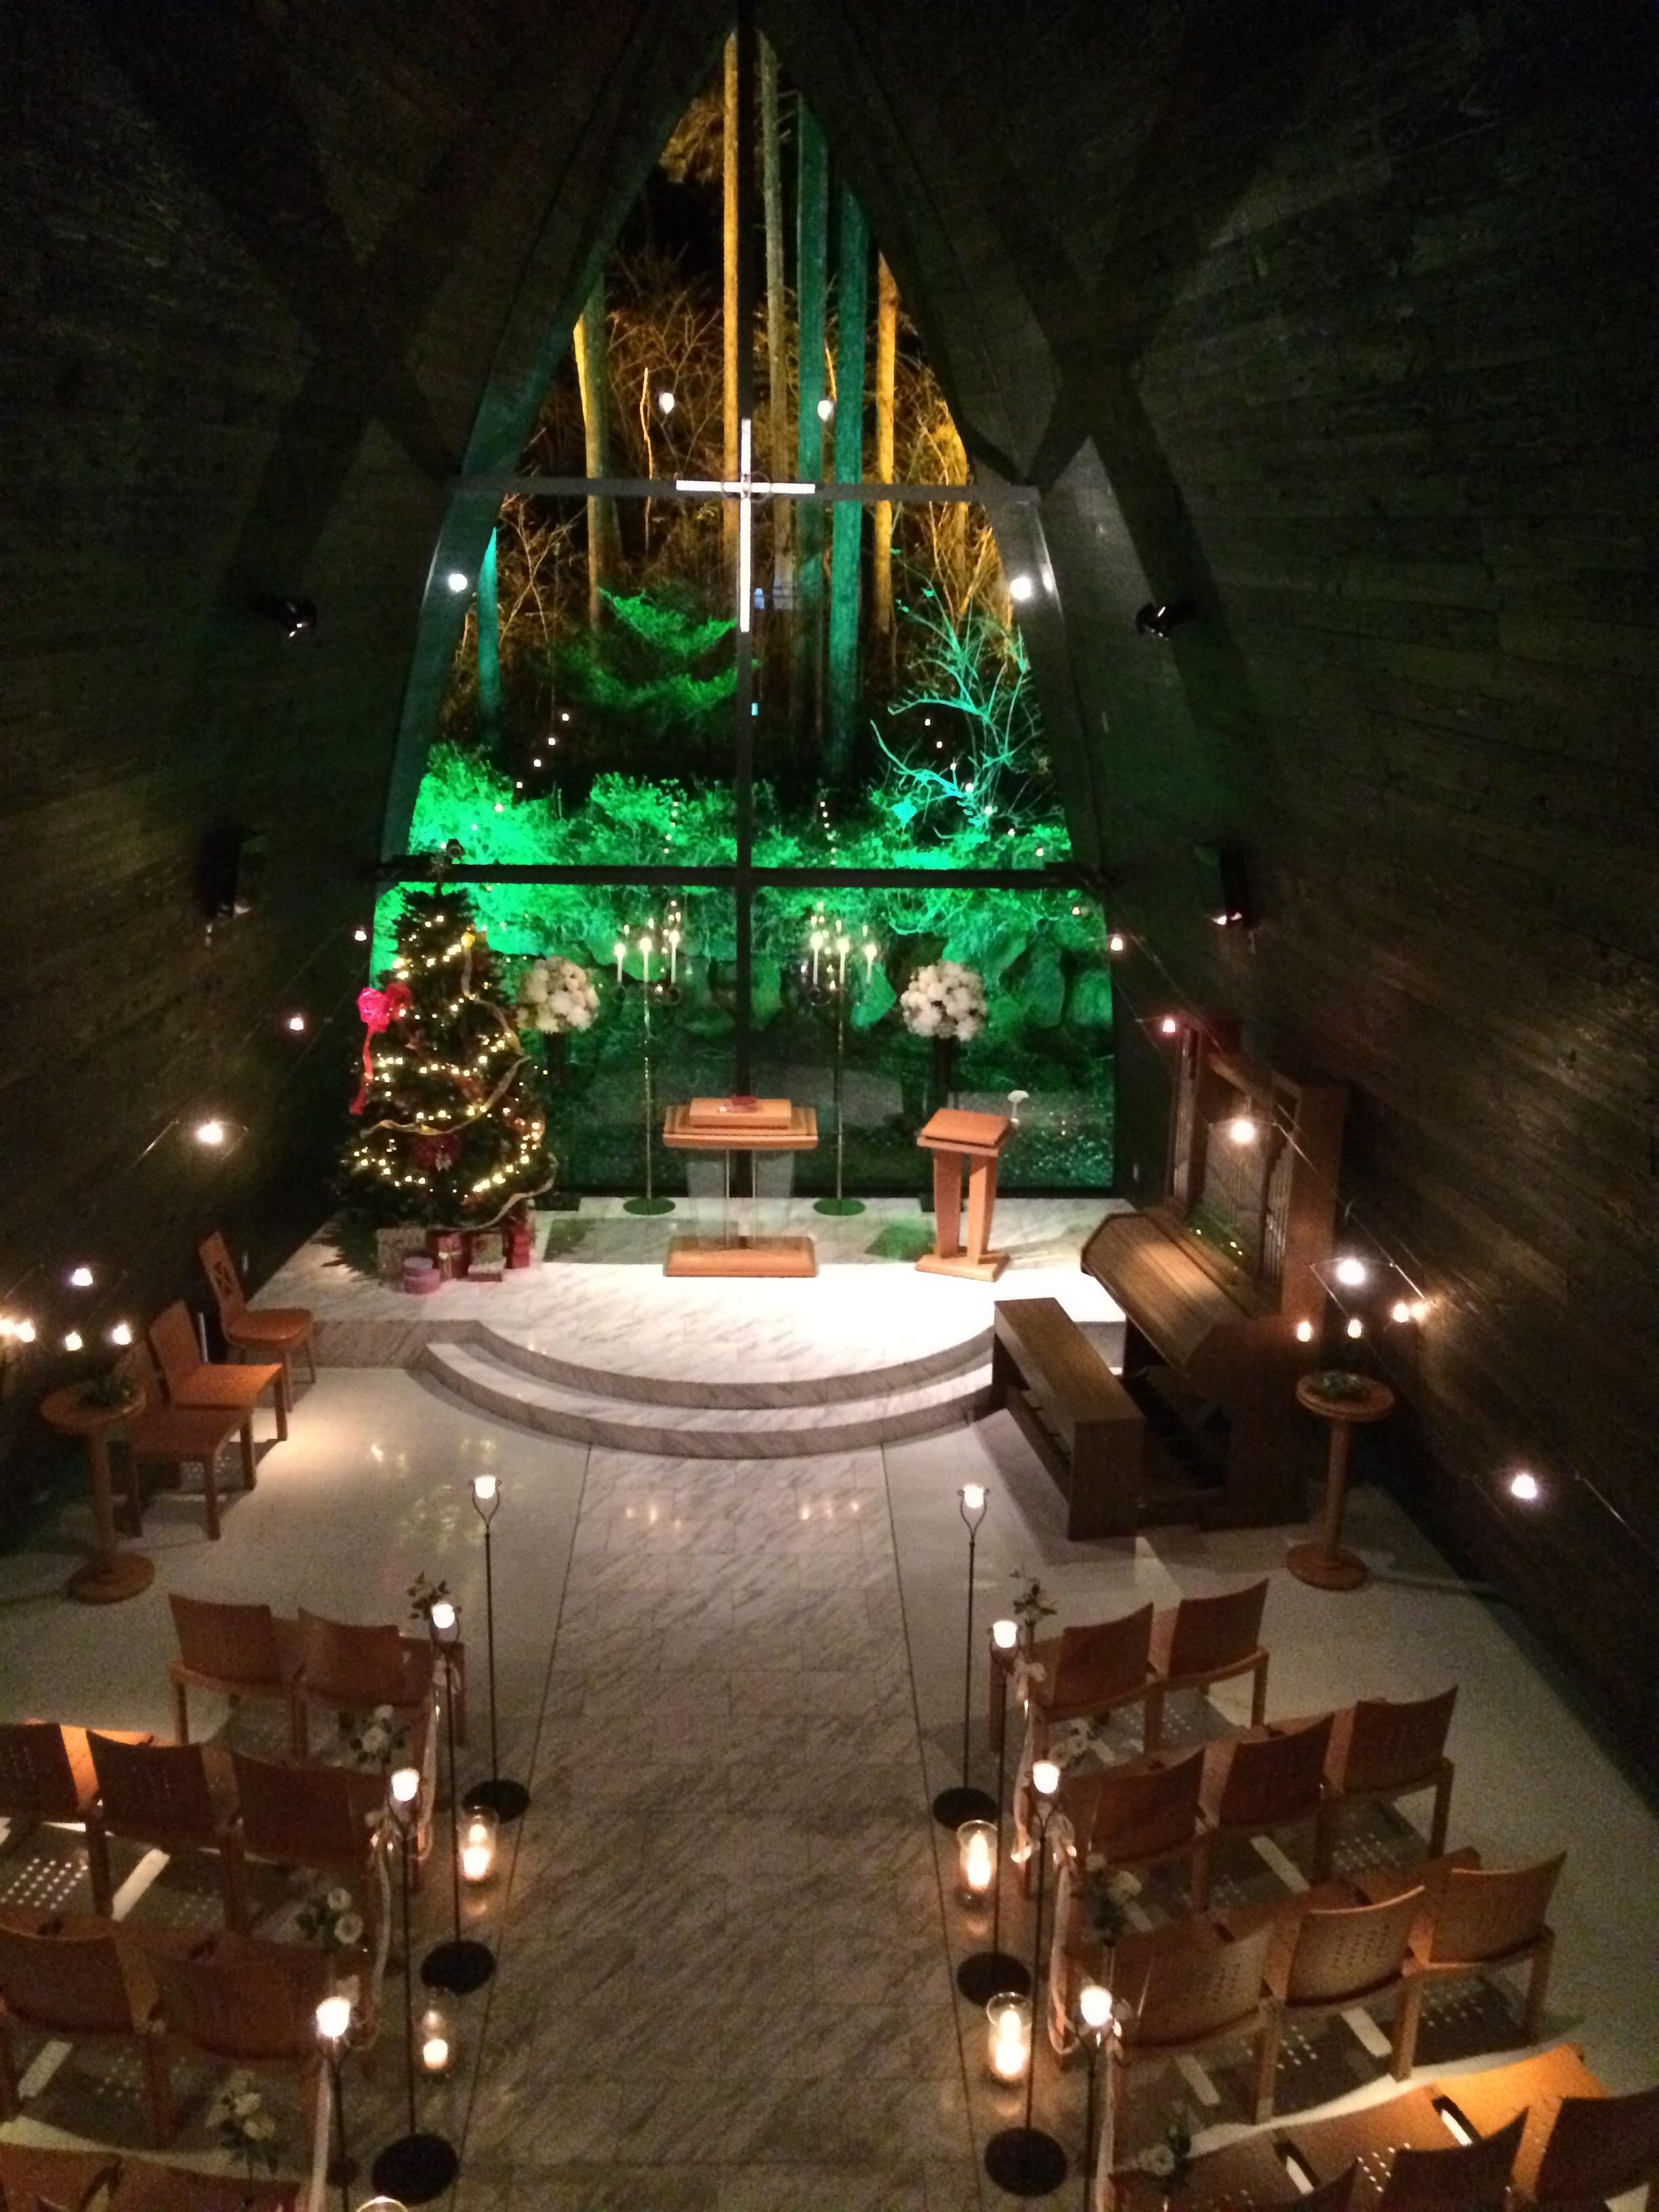 ≪聖なる森でクリスマス婚≫★5大特典付き★クリスマス限定プラン